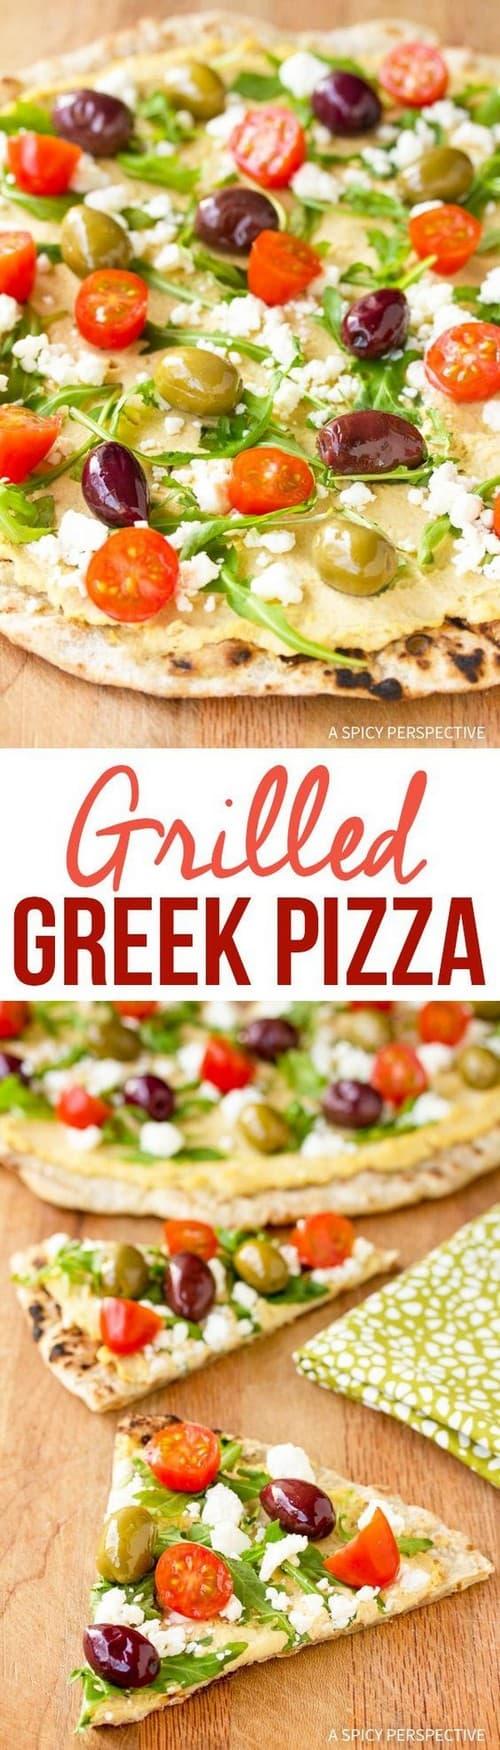 Mediterranean Grilled Greek Pizza